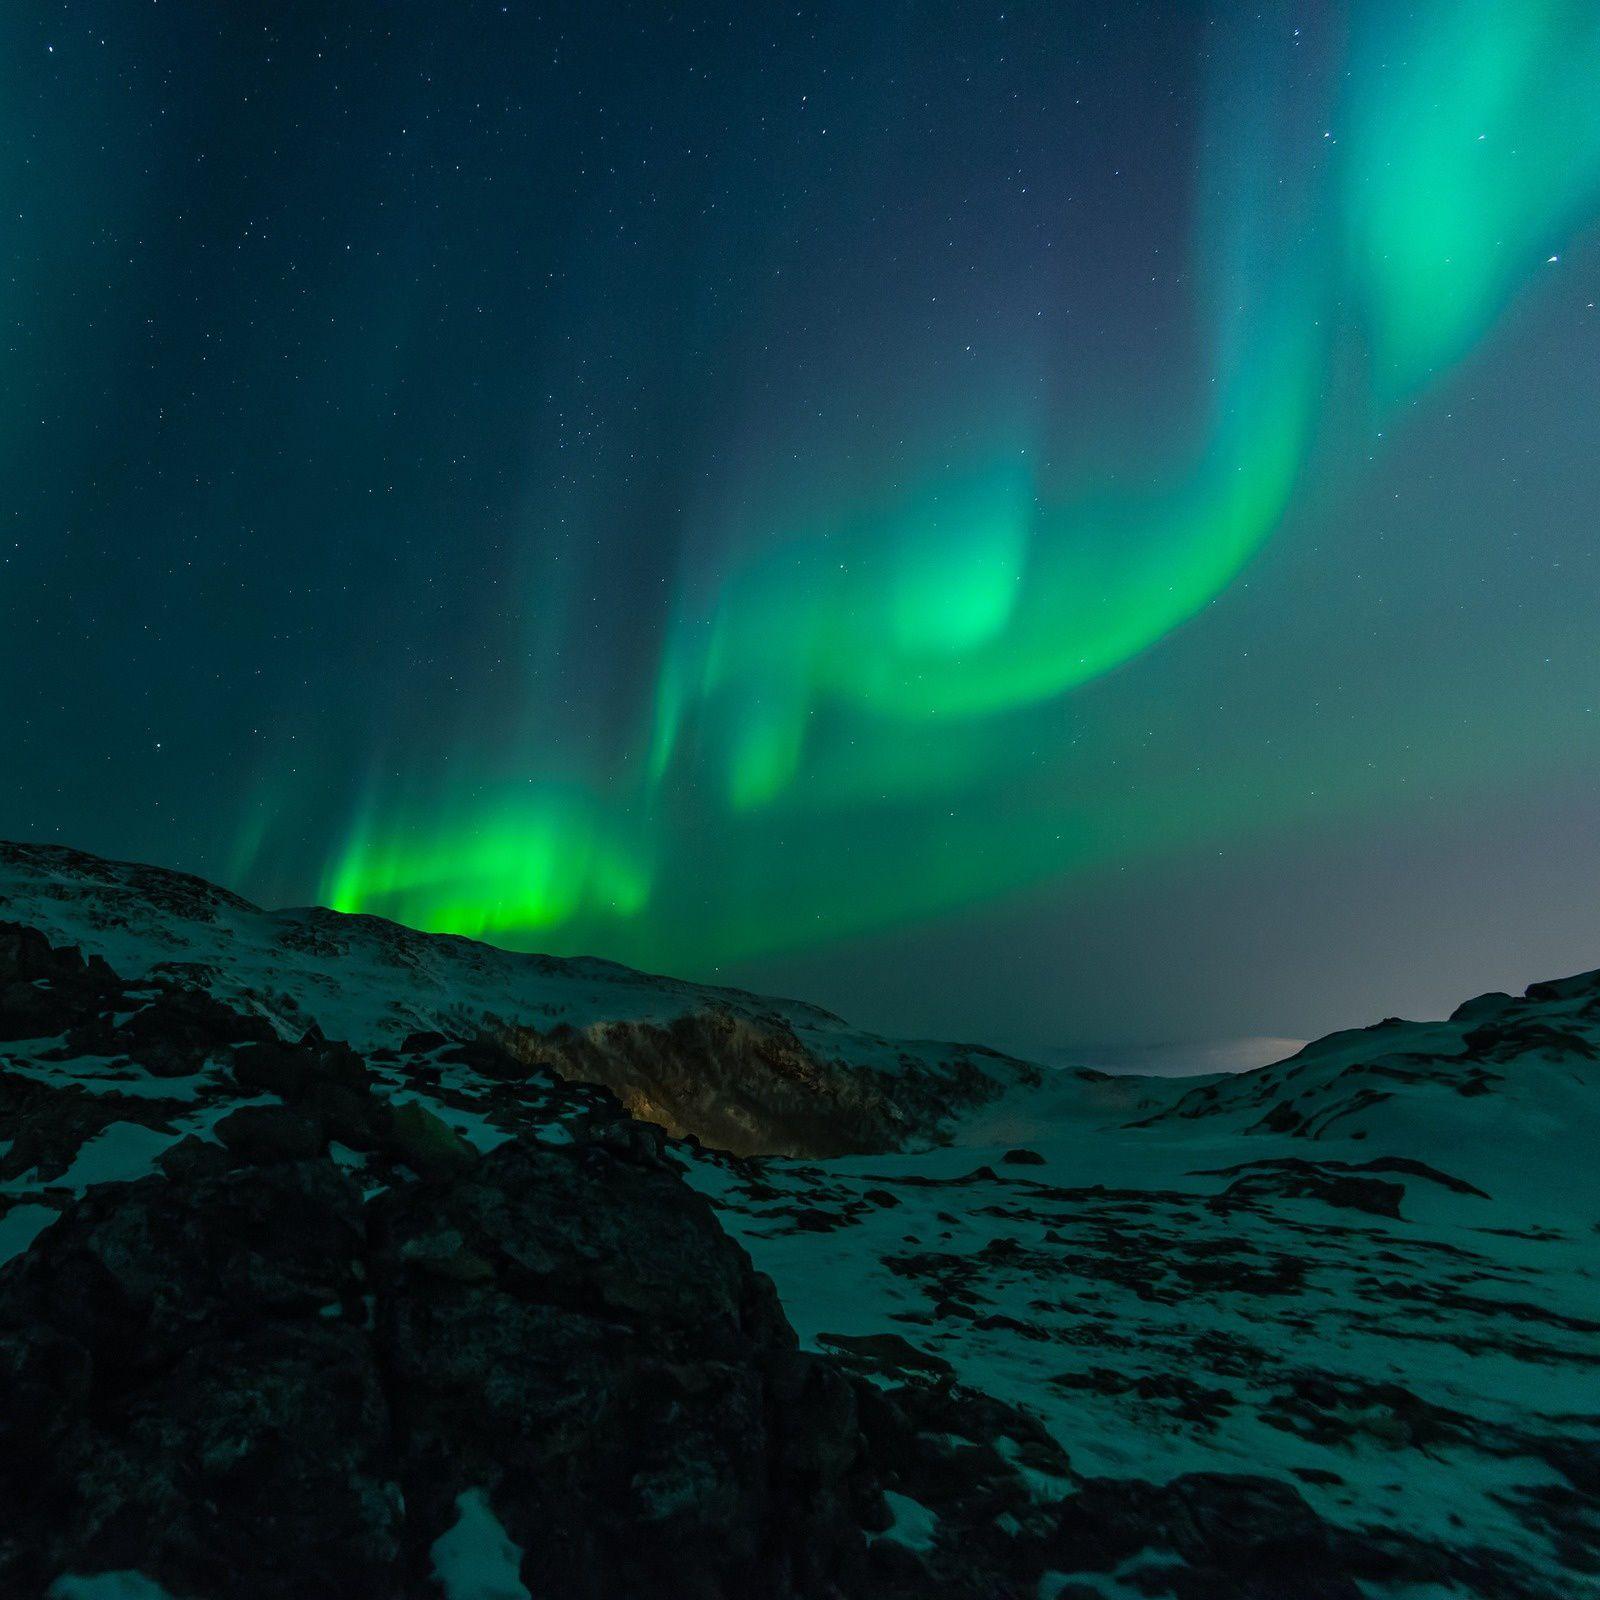 Conte inuit inventé par les 5eD